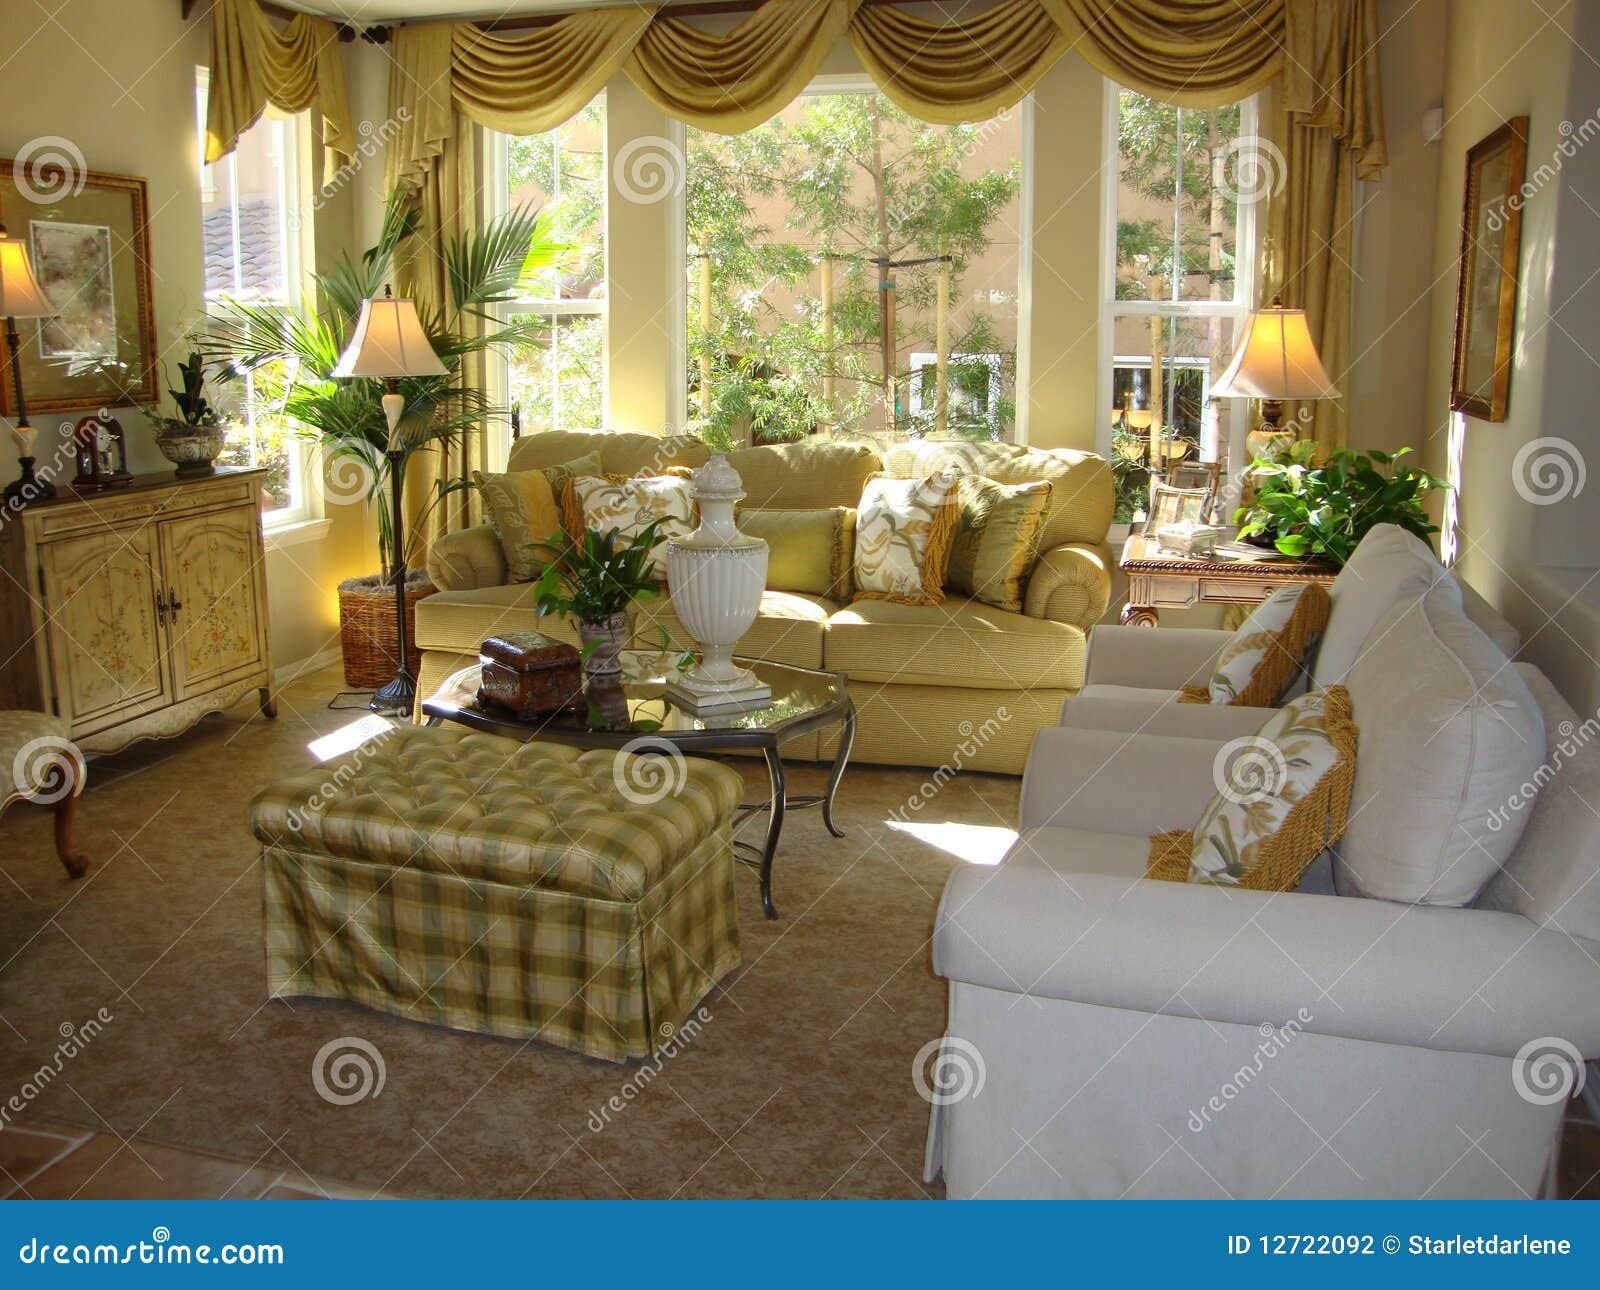 sch nes wohnzimmer stockfotografie bild 12722092. Black Bedroom Furniture Sets. Home Design Ideas